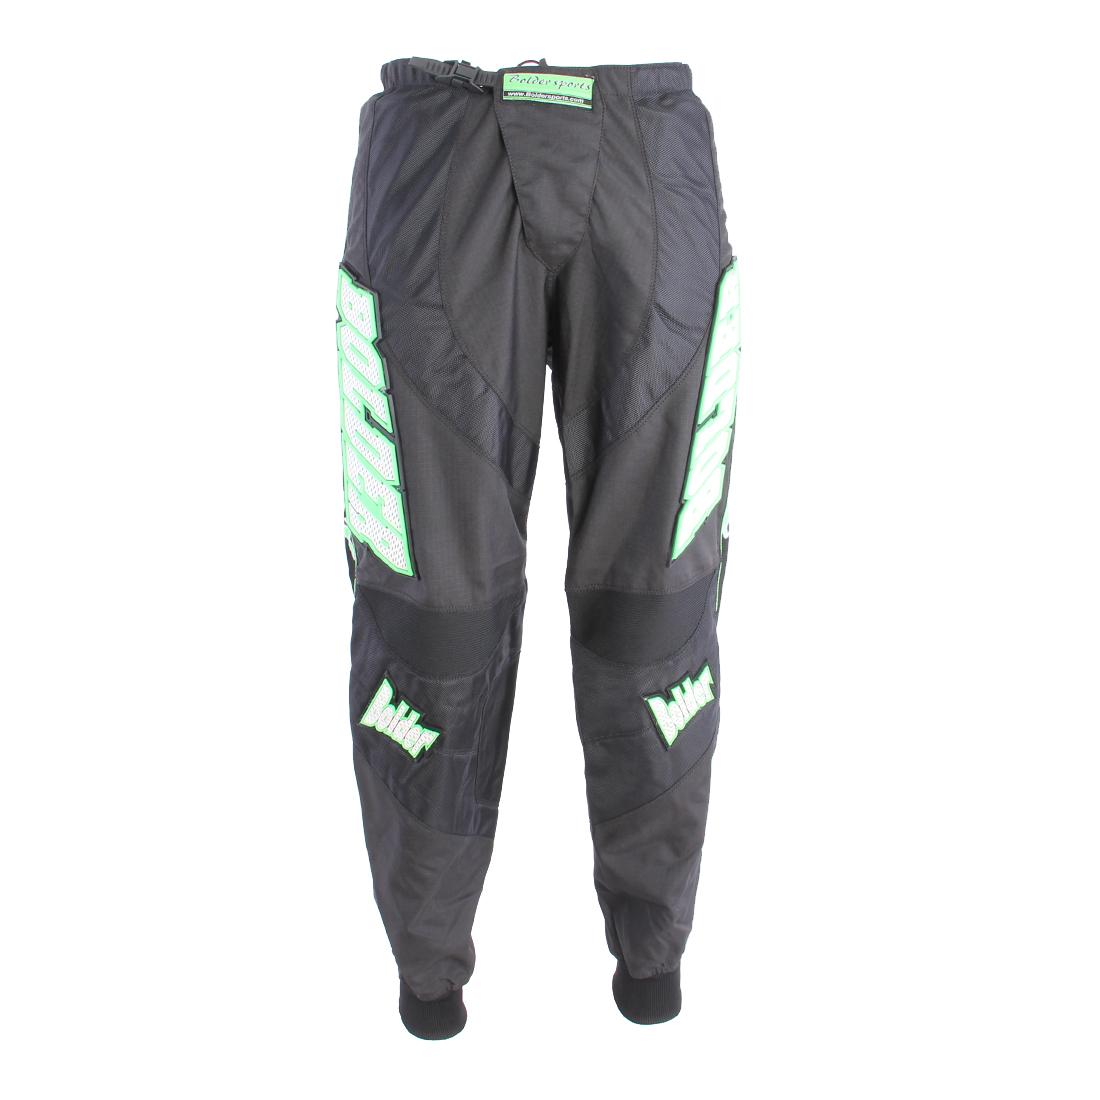 Kalhoty Motocross černo - zelená - Velikost: 38